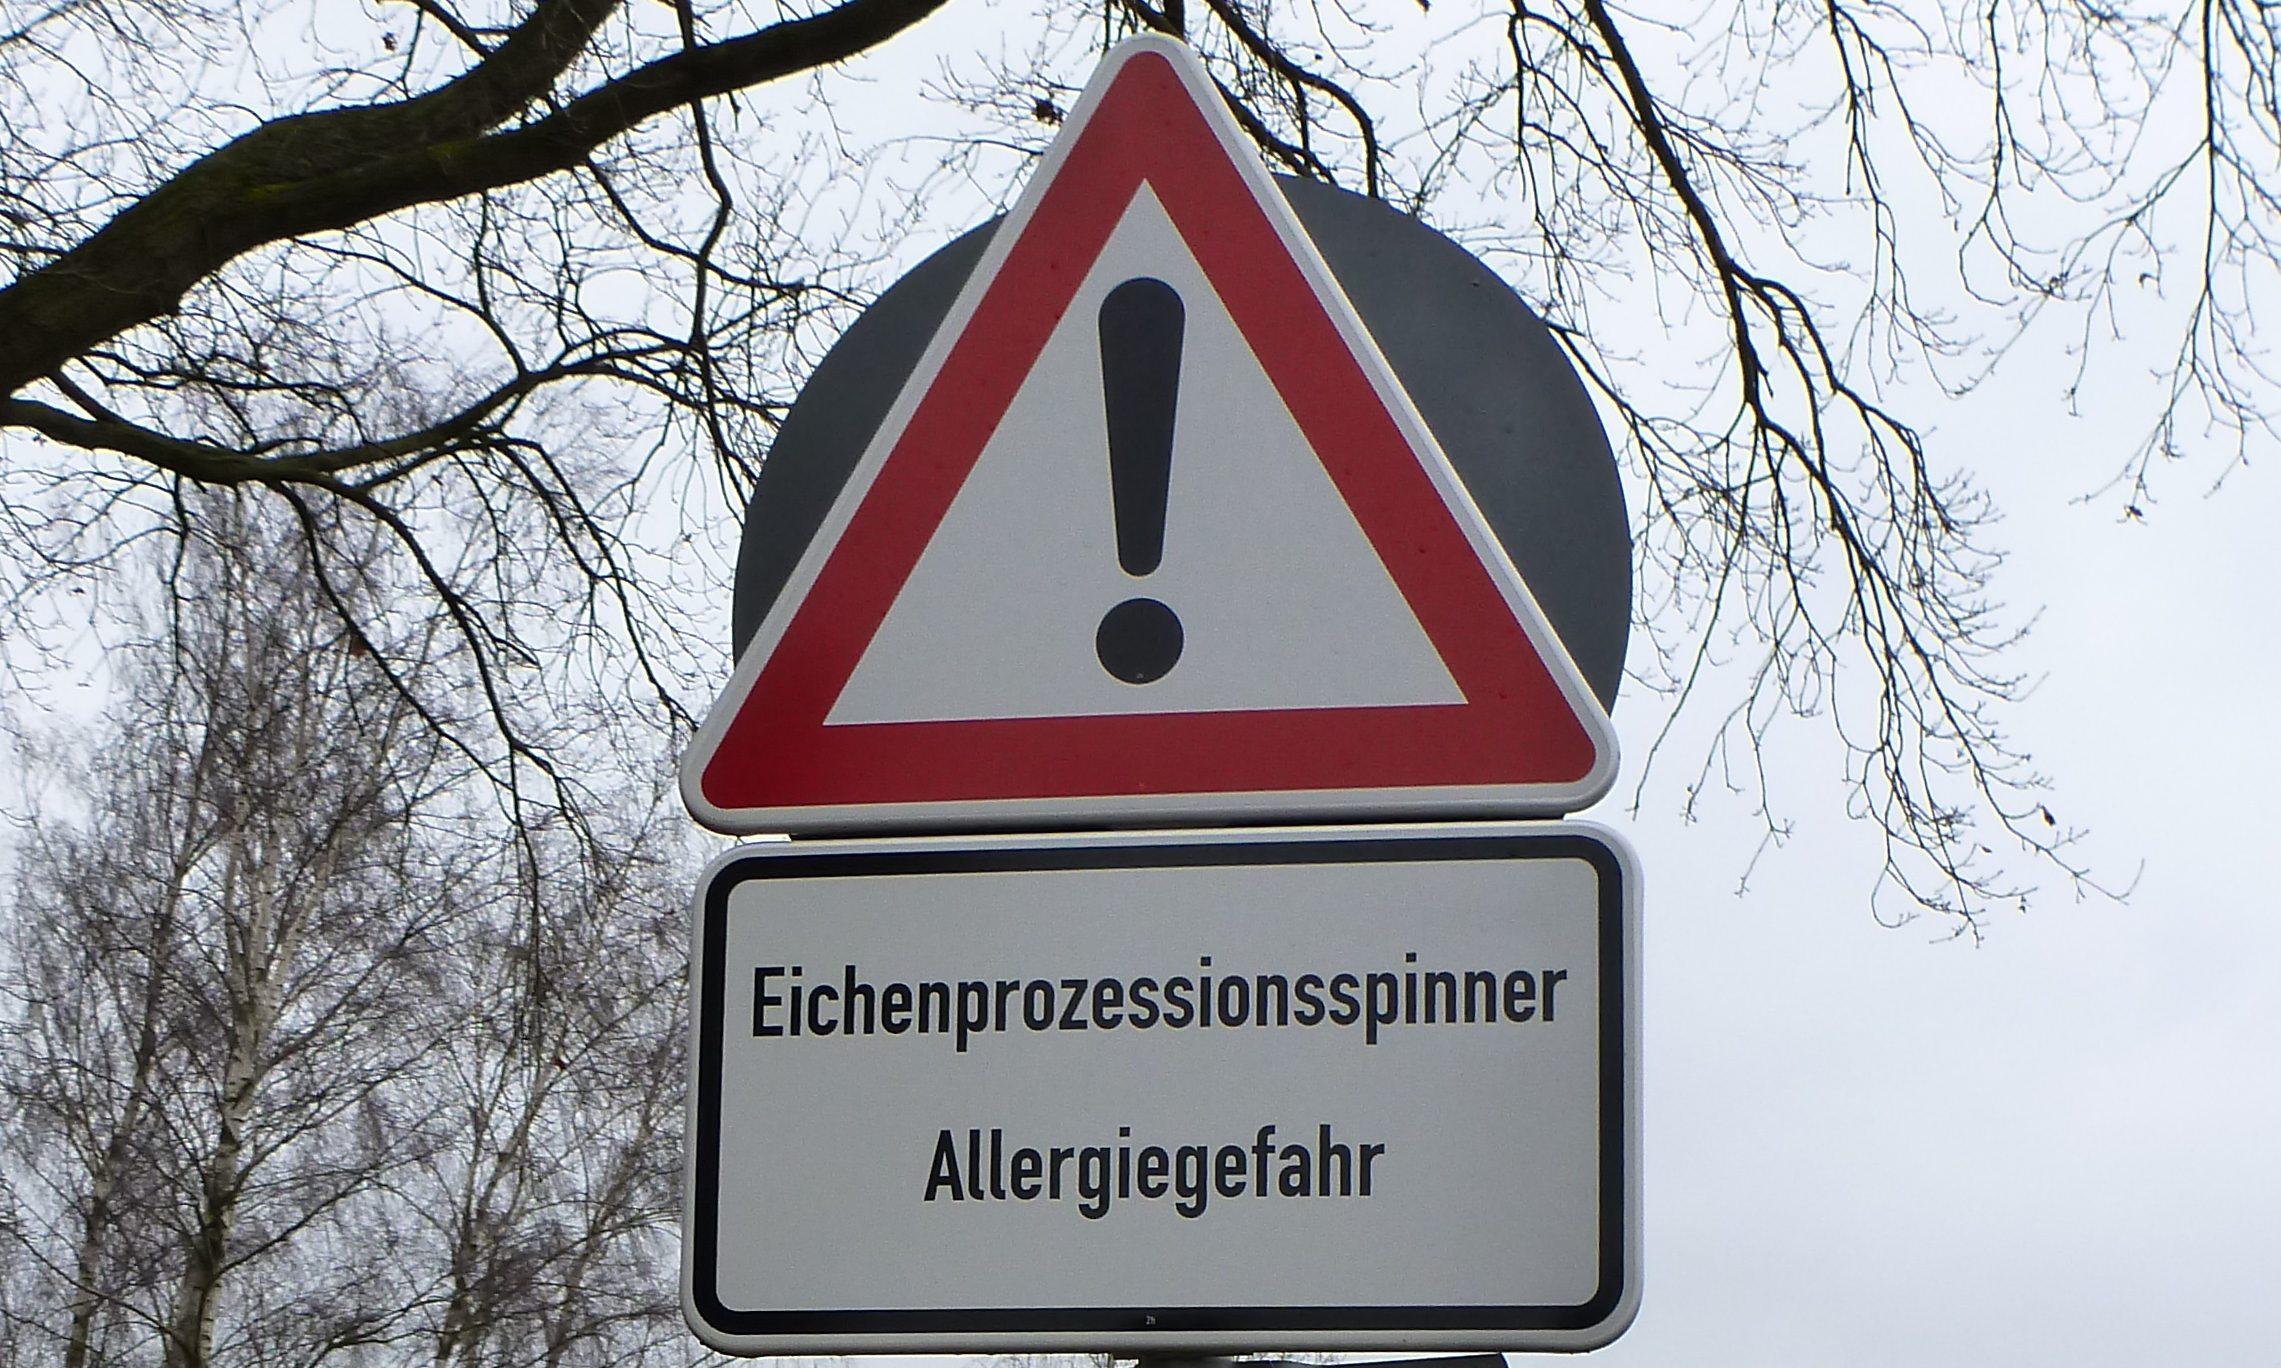 Eichenprozessionsspinner-Warnschild